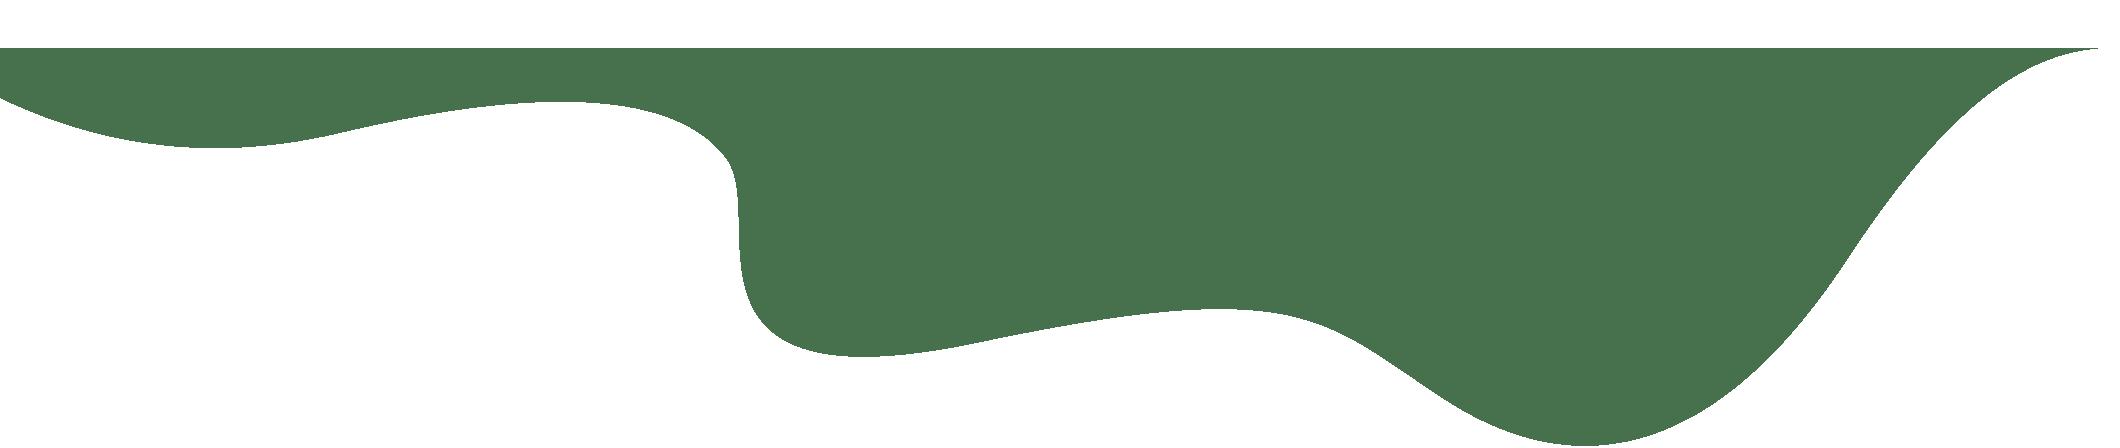 Webland-Transparent-Wave